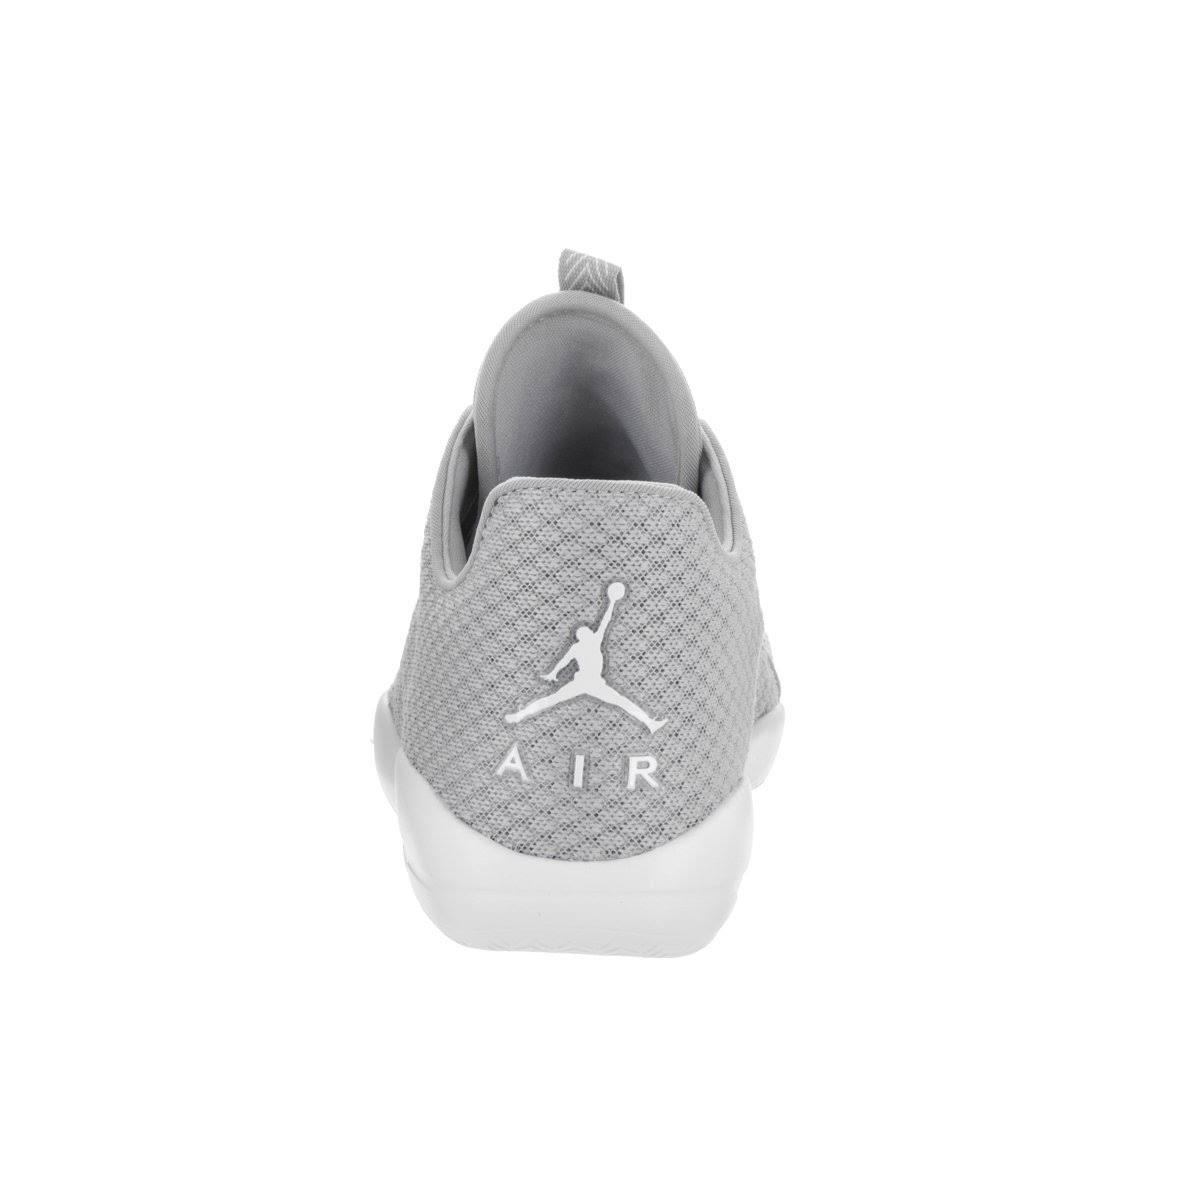 Air Jordan Jordan Air Nike Eclipse Jordan Eclipse Nike Nike Air Jordan Nike Air Eclipse Nike Air Eclipse AxvHY